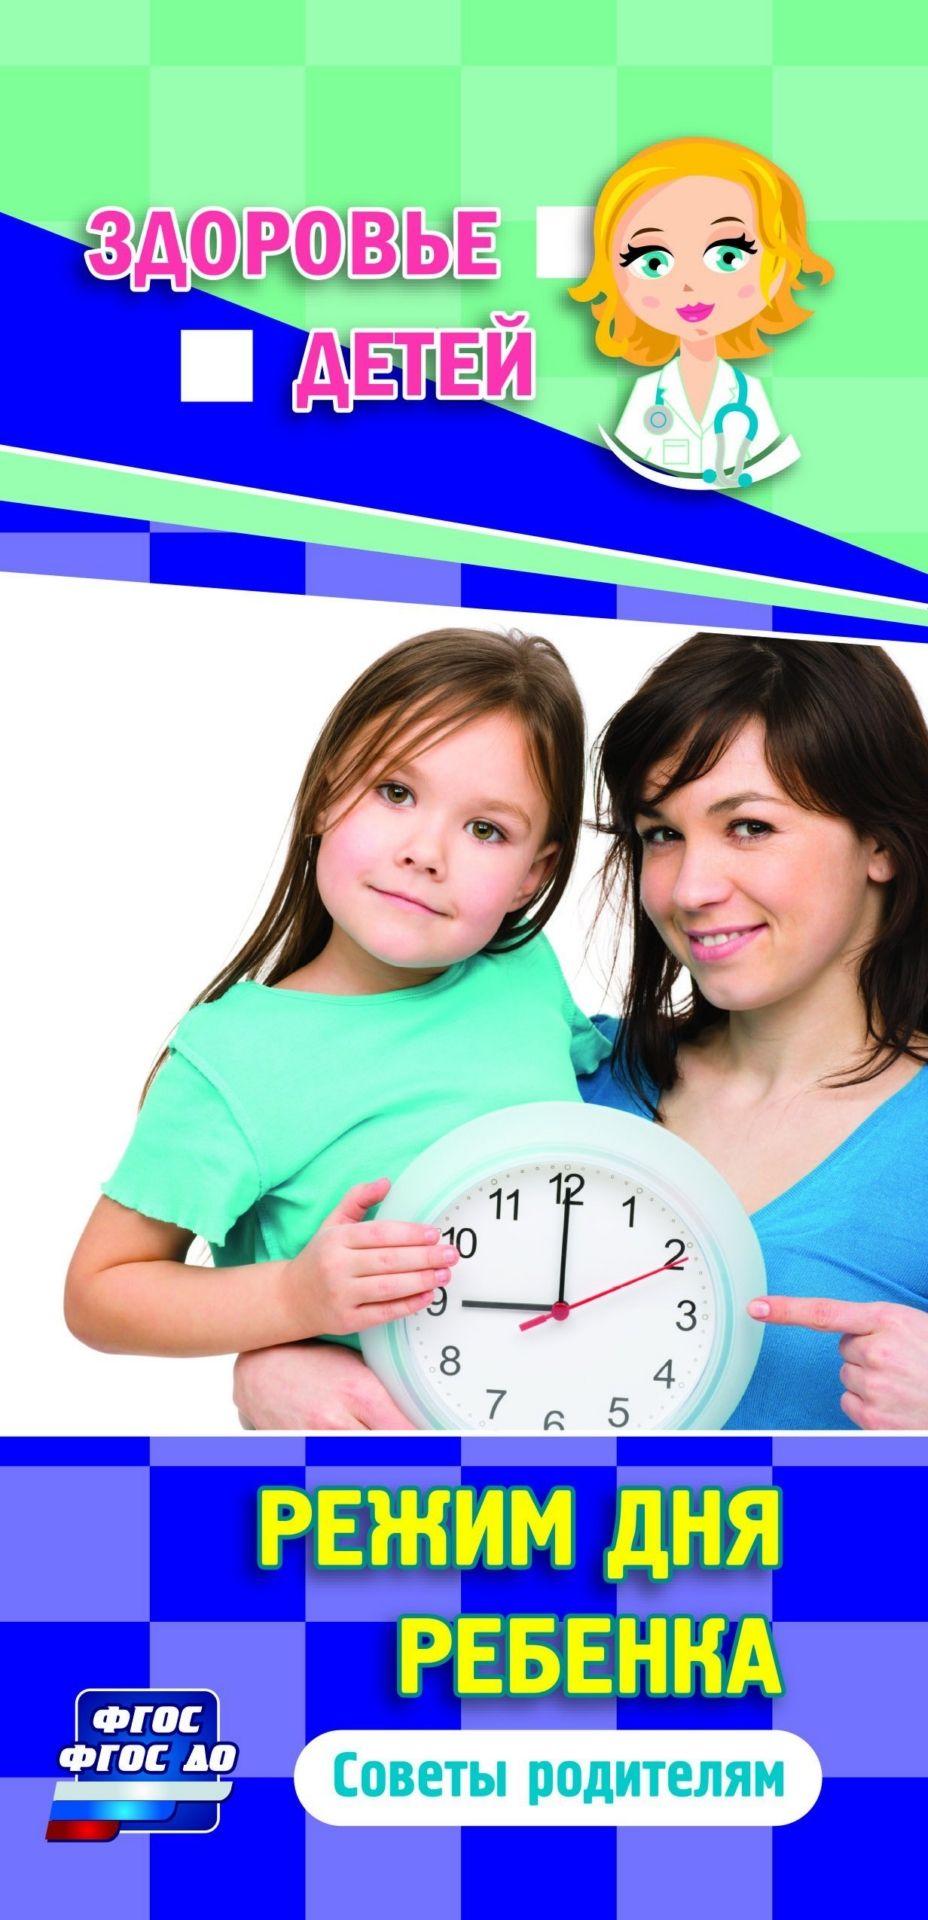 Памятка Здоровье детей. Режим дня ребенка: советы родителям (бумага офсетная 80 г)Воспитательная литература<br>Бумага офсетная.<br><br>Год: 2018